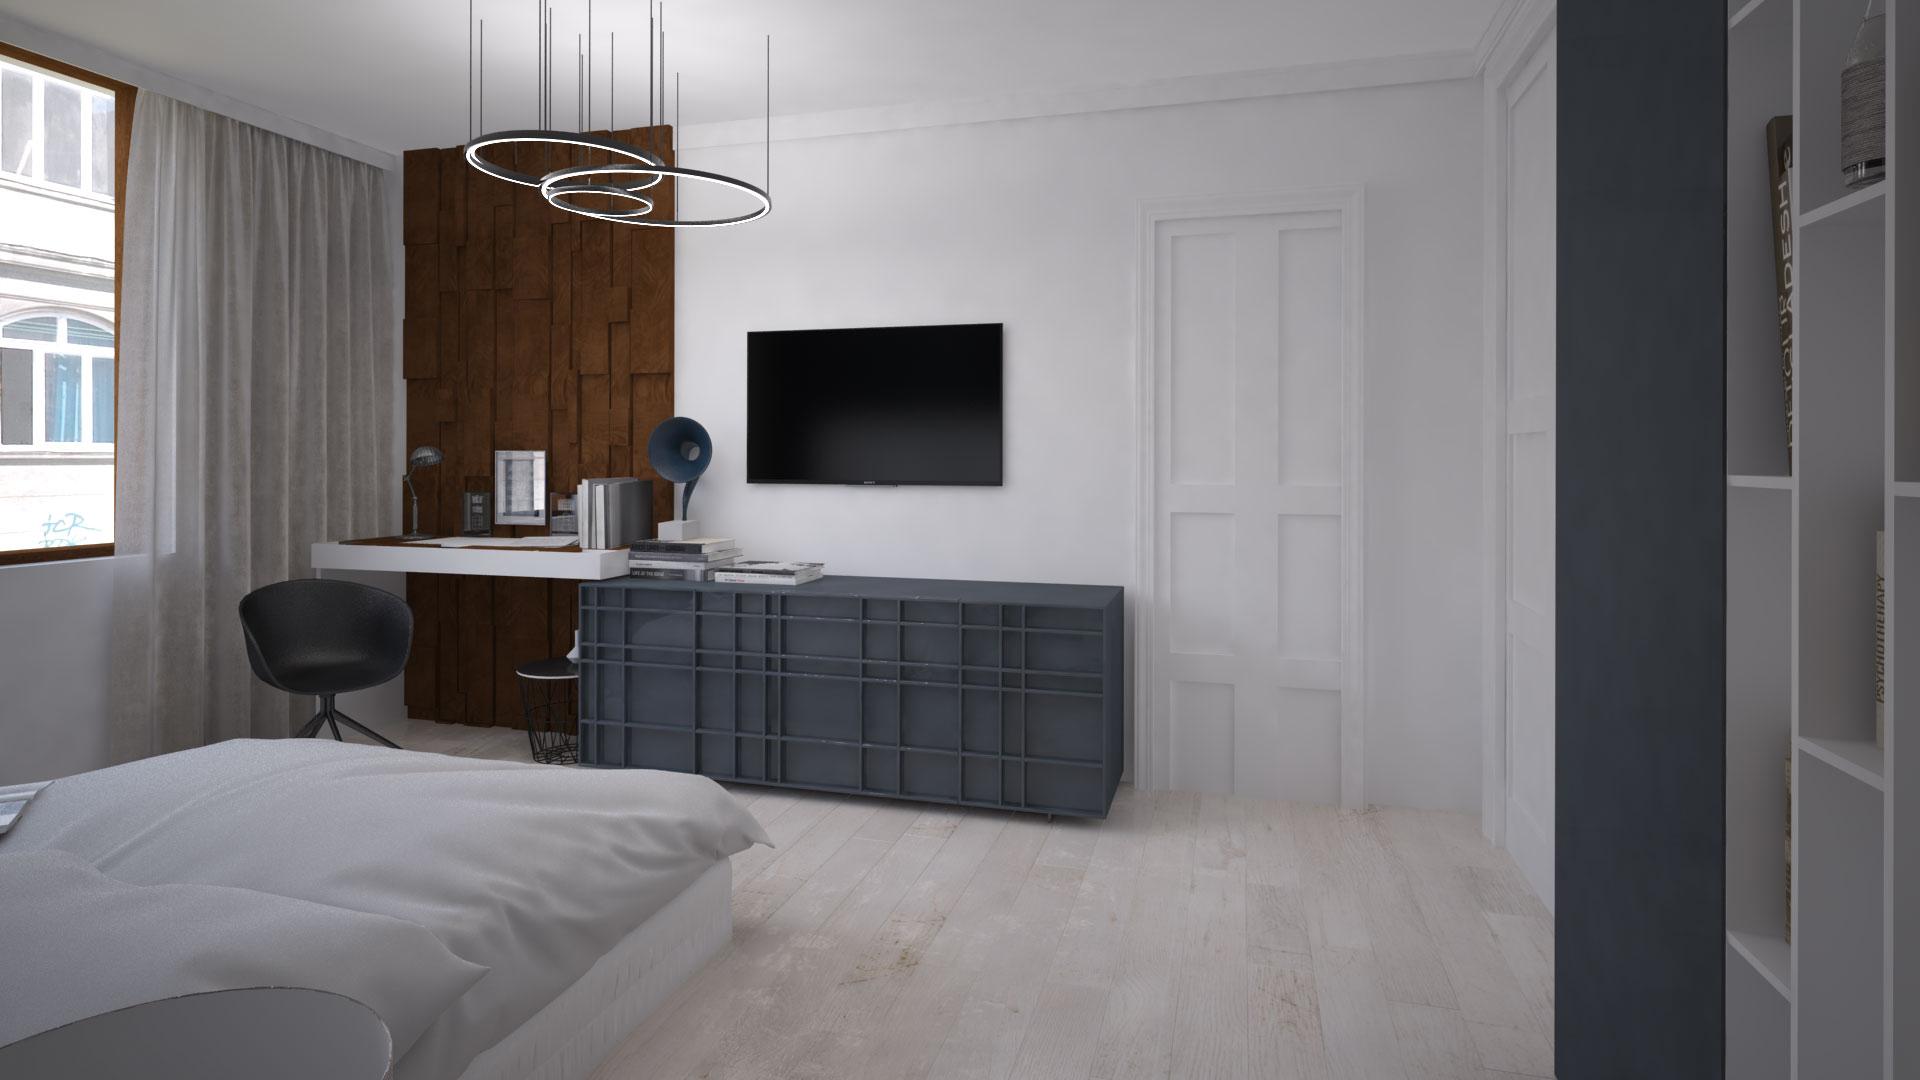 amenajare_interioara_dormitor3